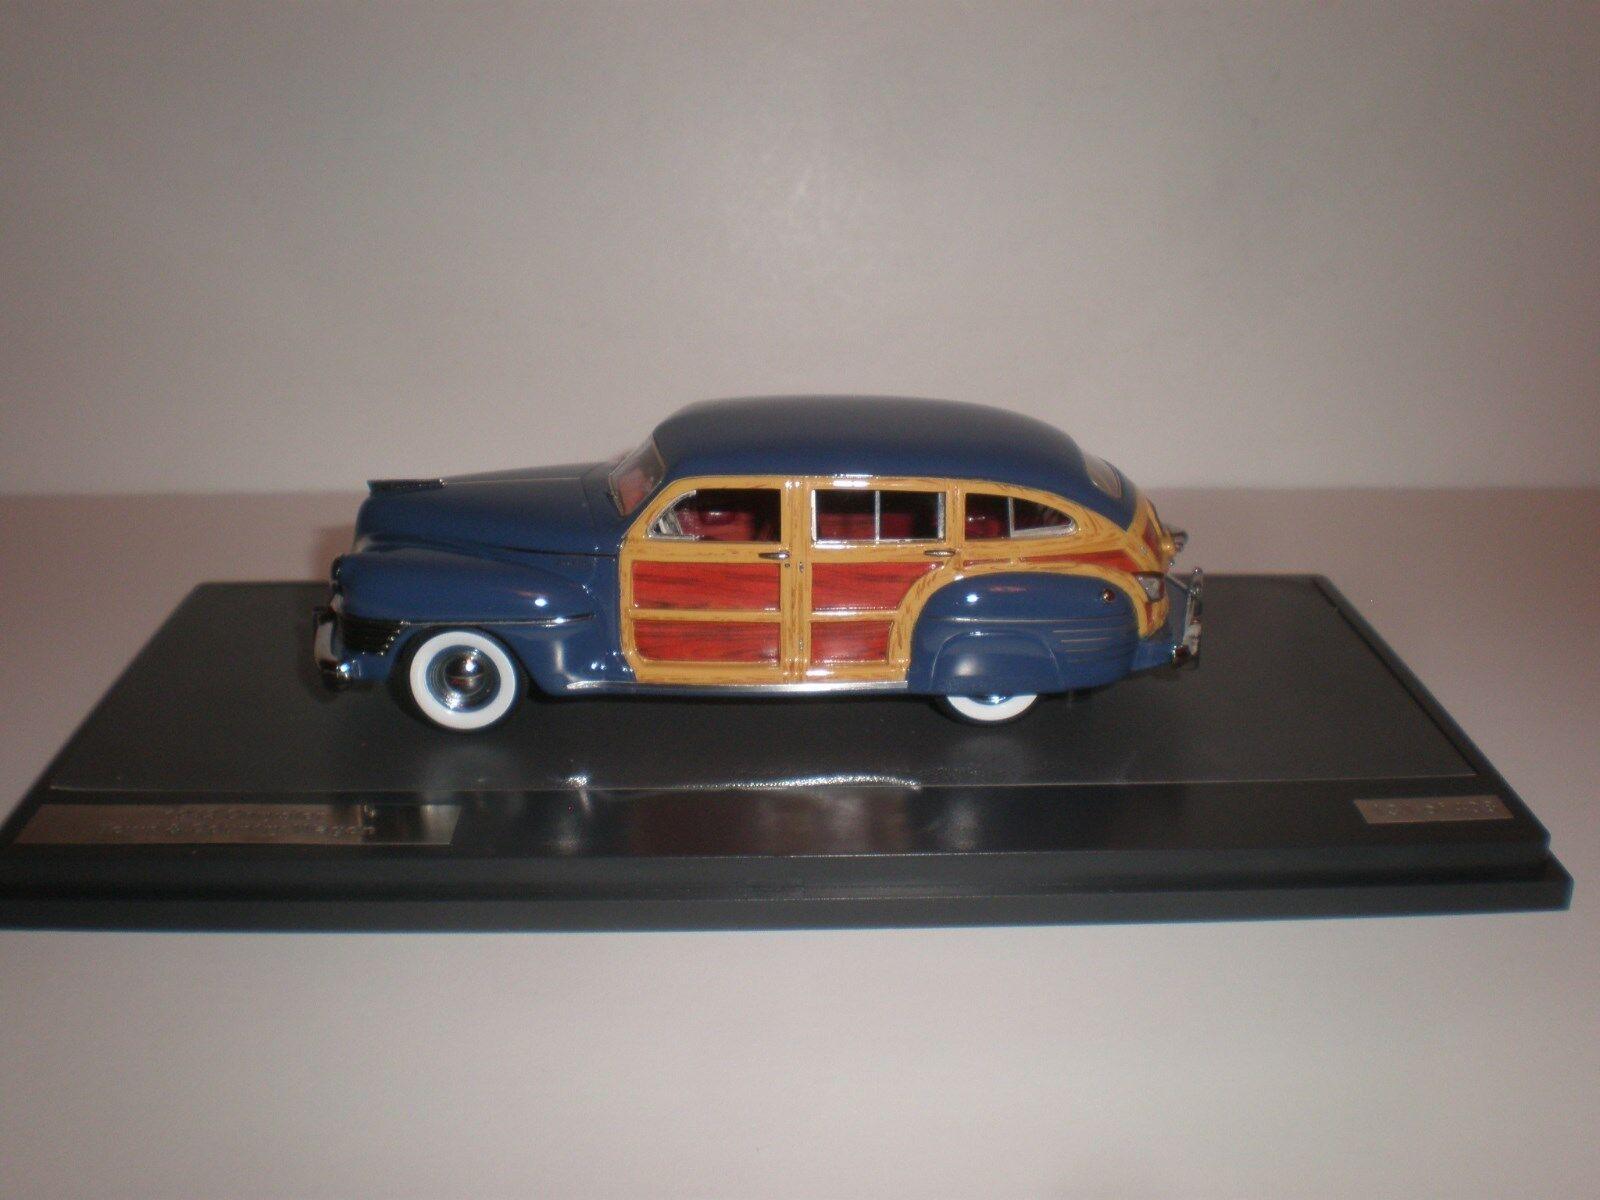 Venta en línea de descuento de fábrica Matriz Matriz Matriz de 1 43 1942 Chrysler Town & Country Vagón Azul 20303-071  servicio de primera clase